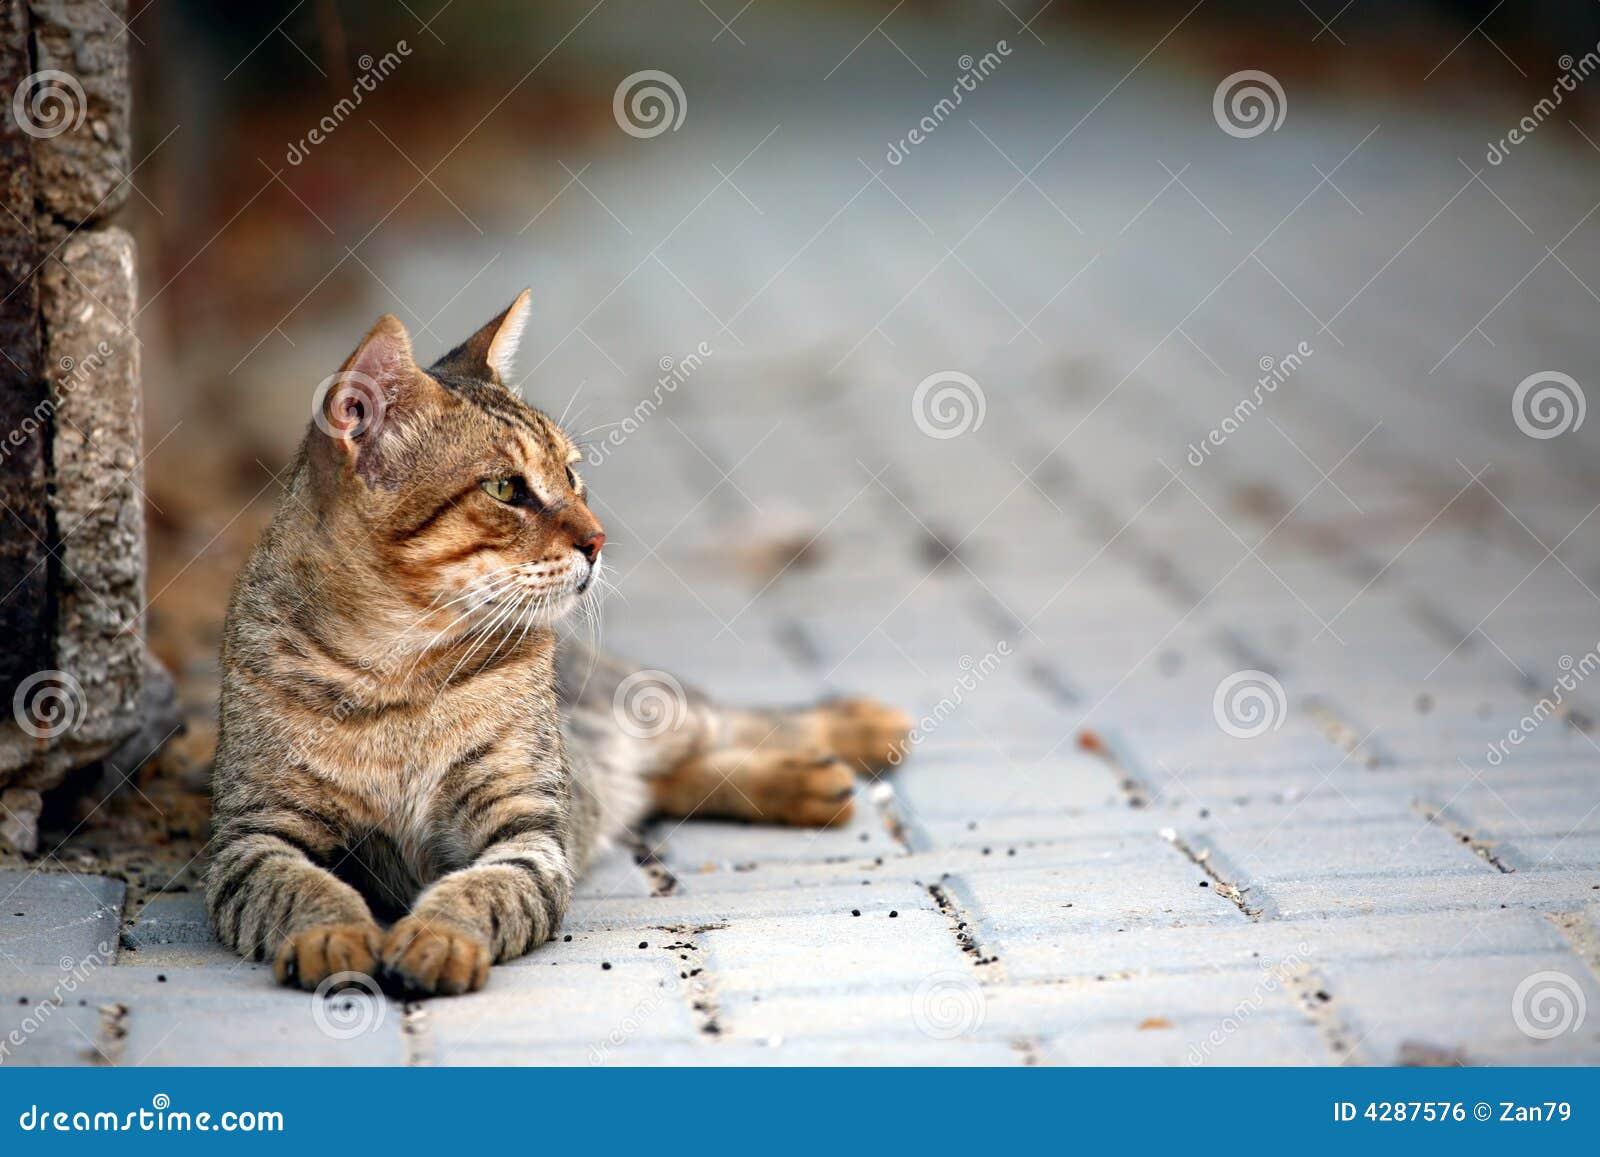 fainting kitten